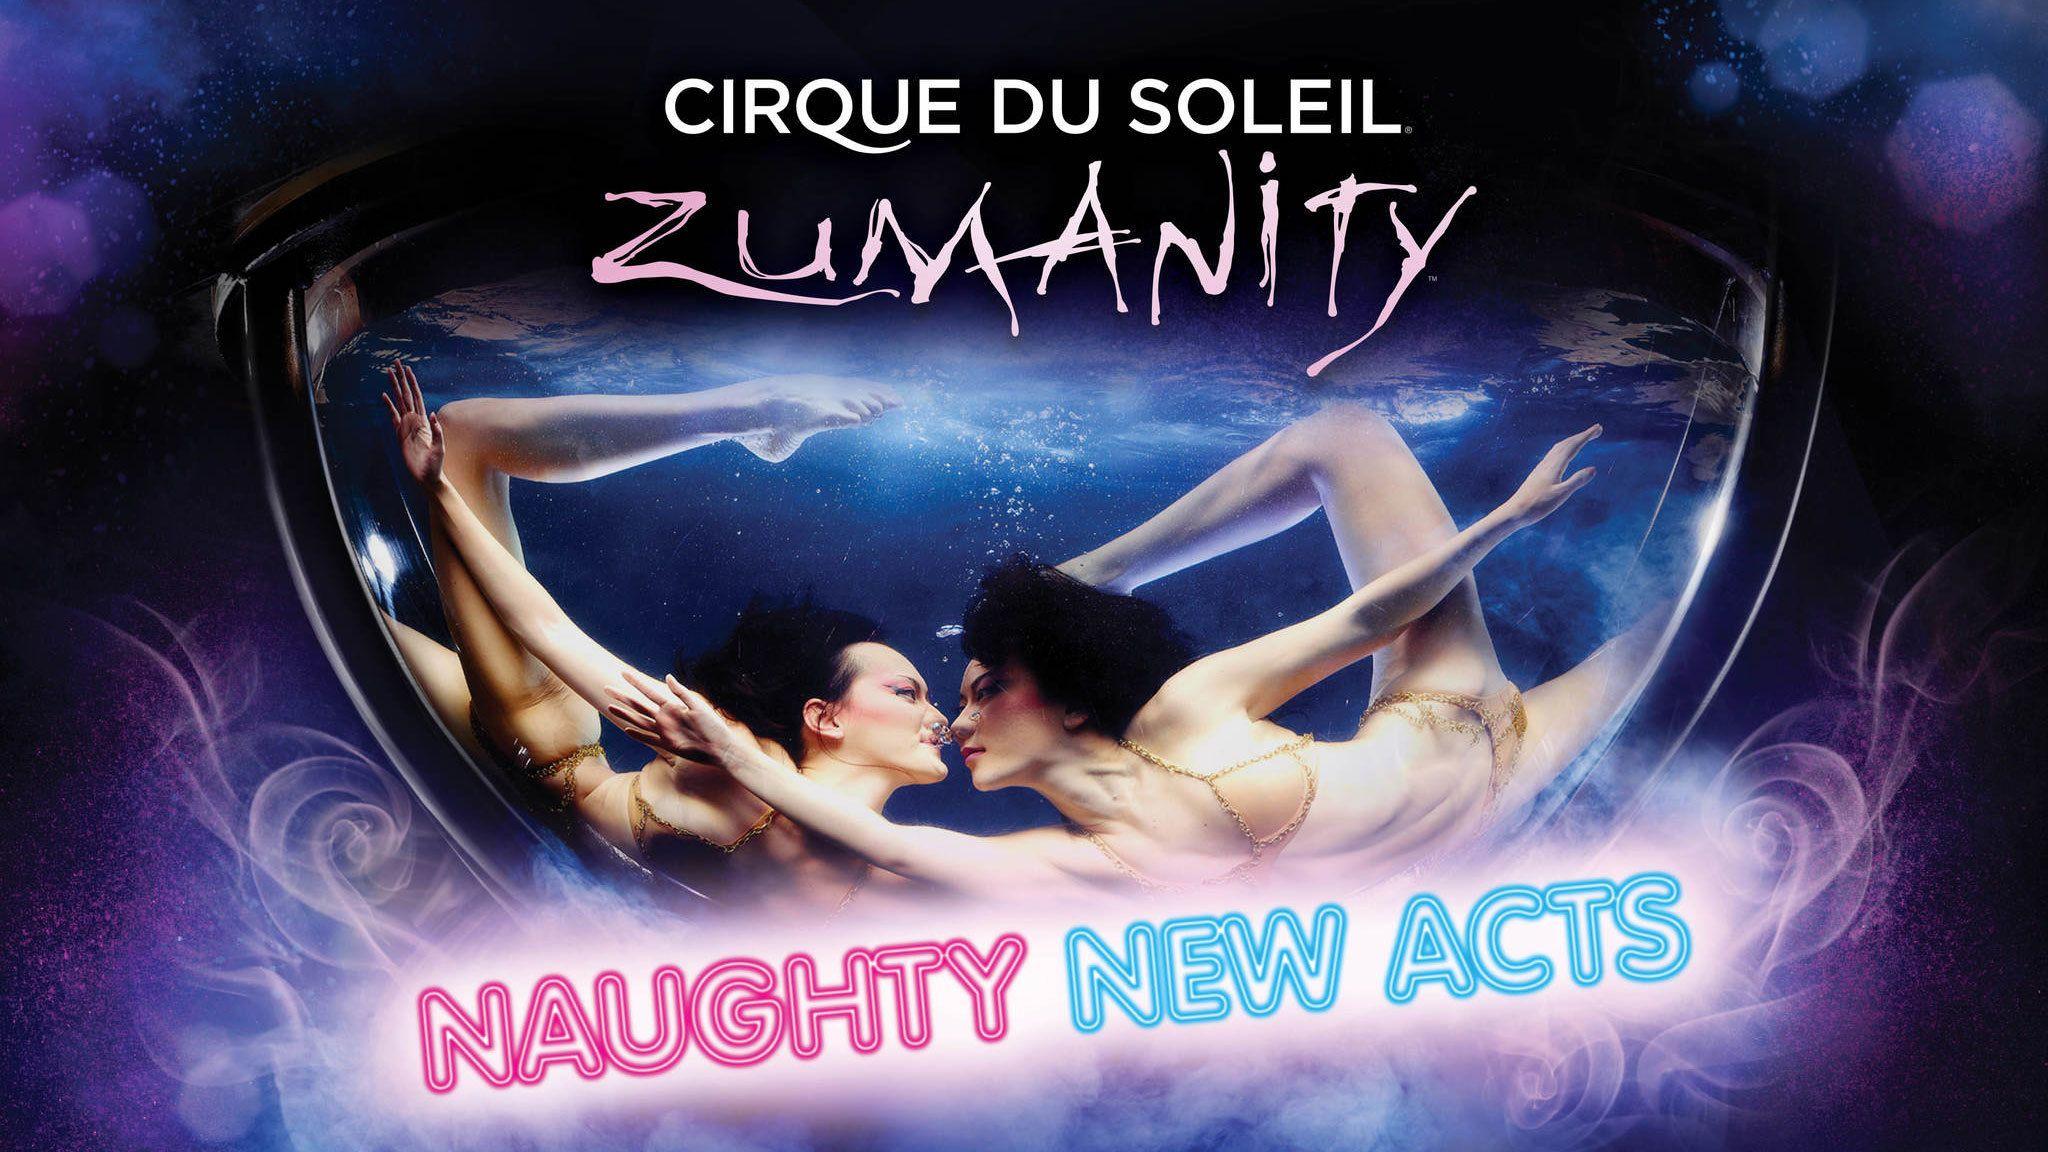 Zumanity™ by Cirque du Soleil®